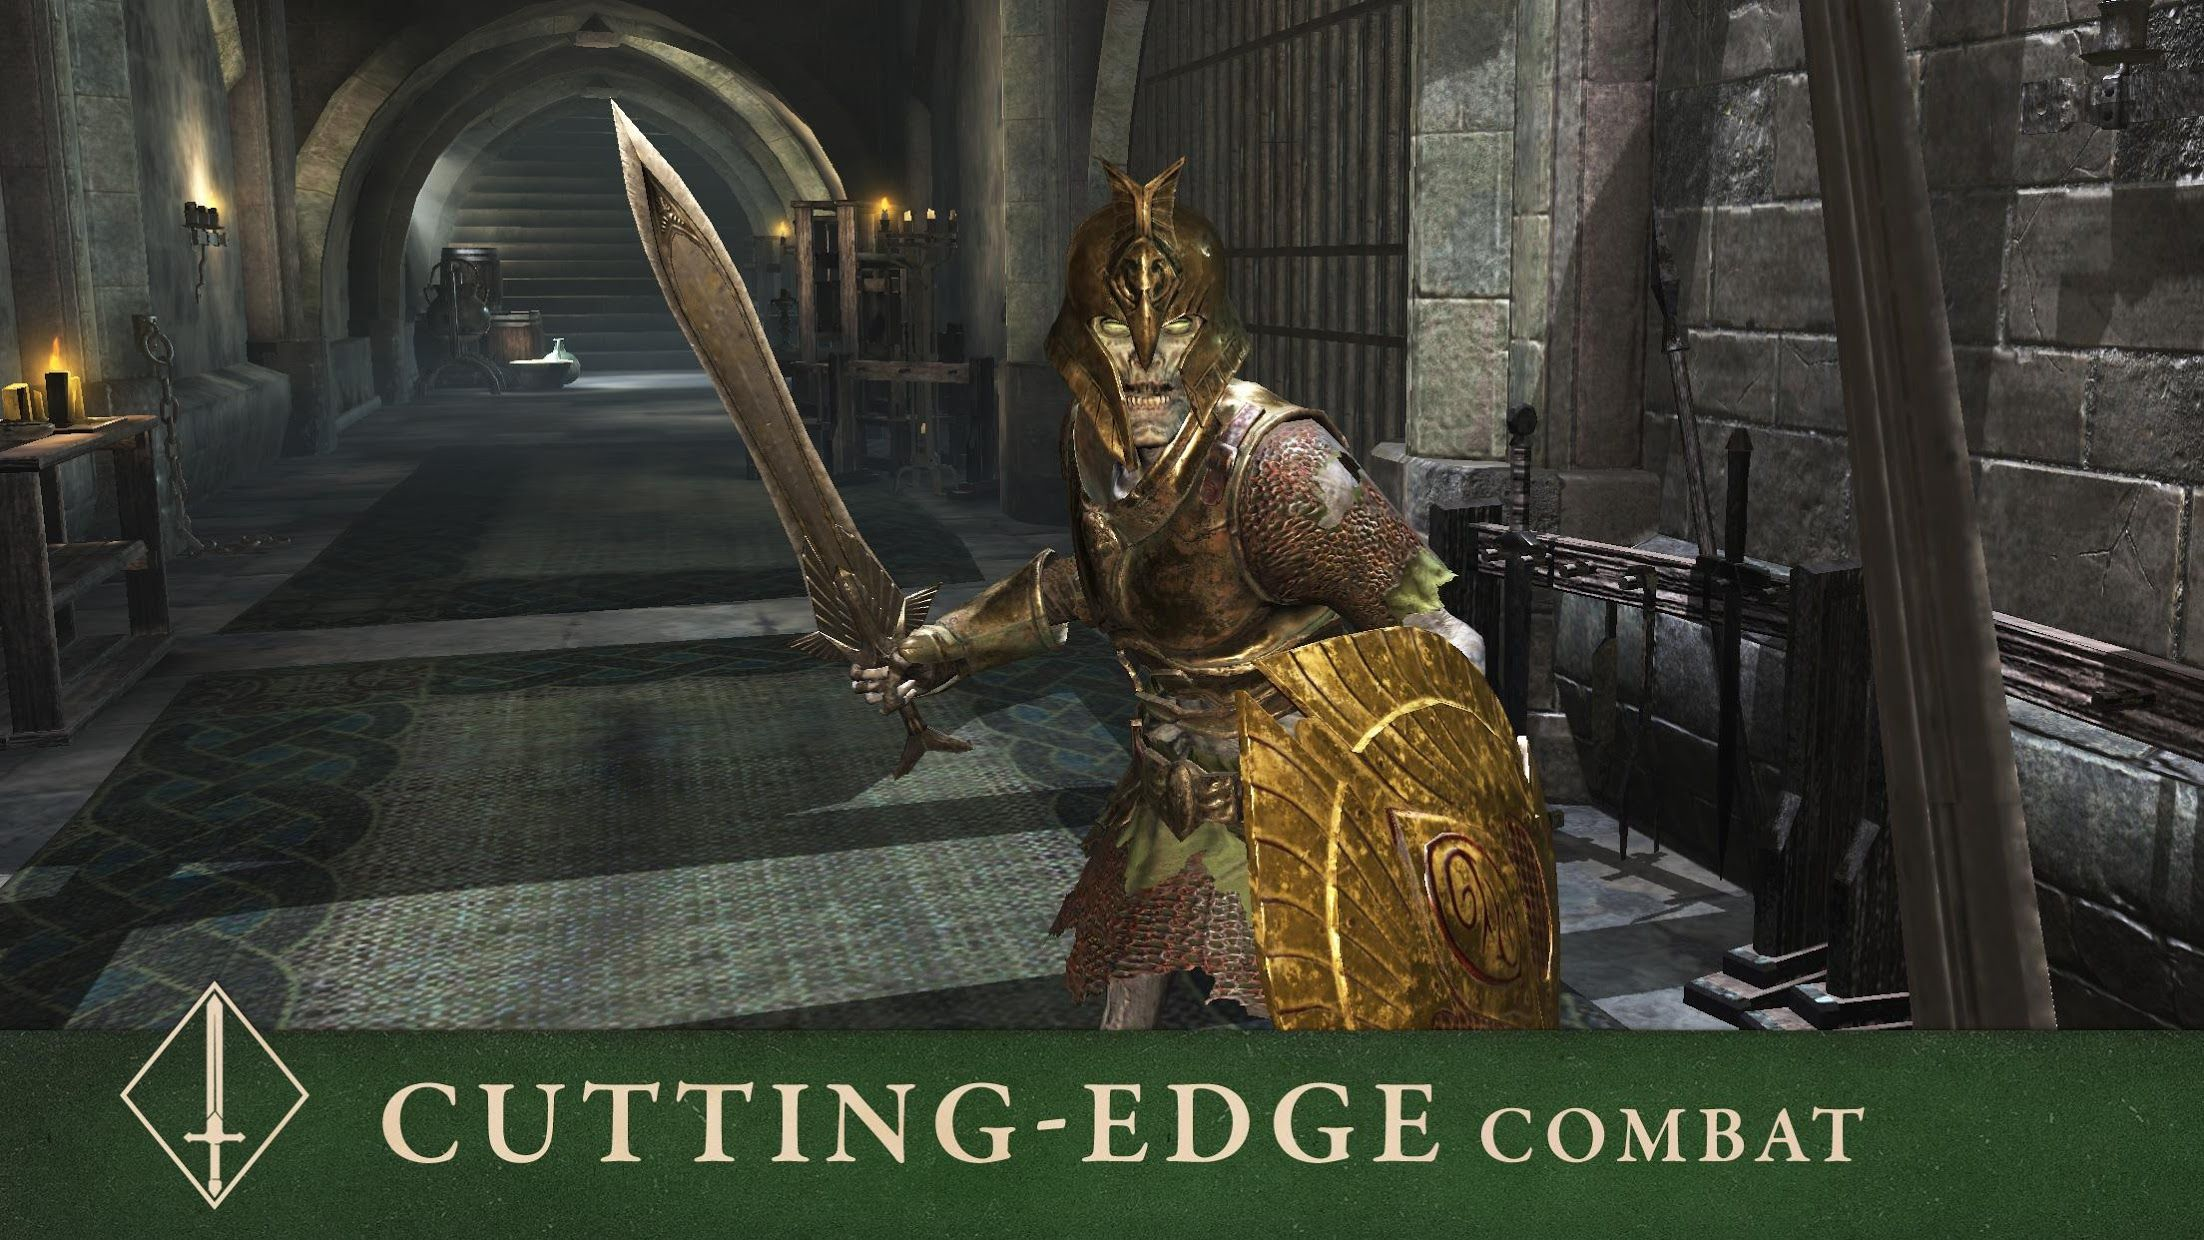 上古卷轴:刀锋战士(美服) 游戏截图5